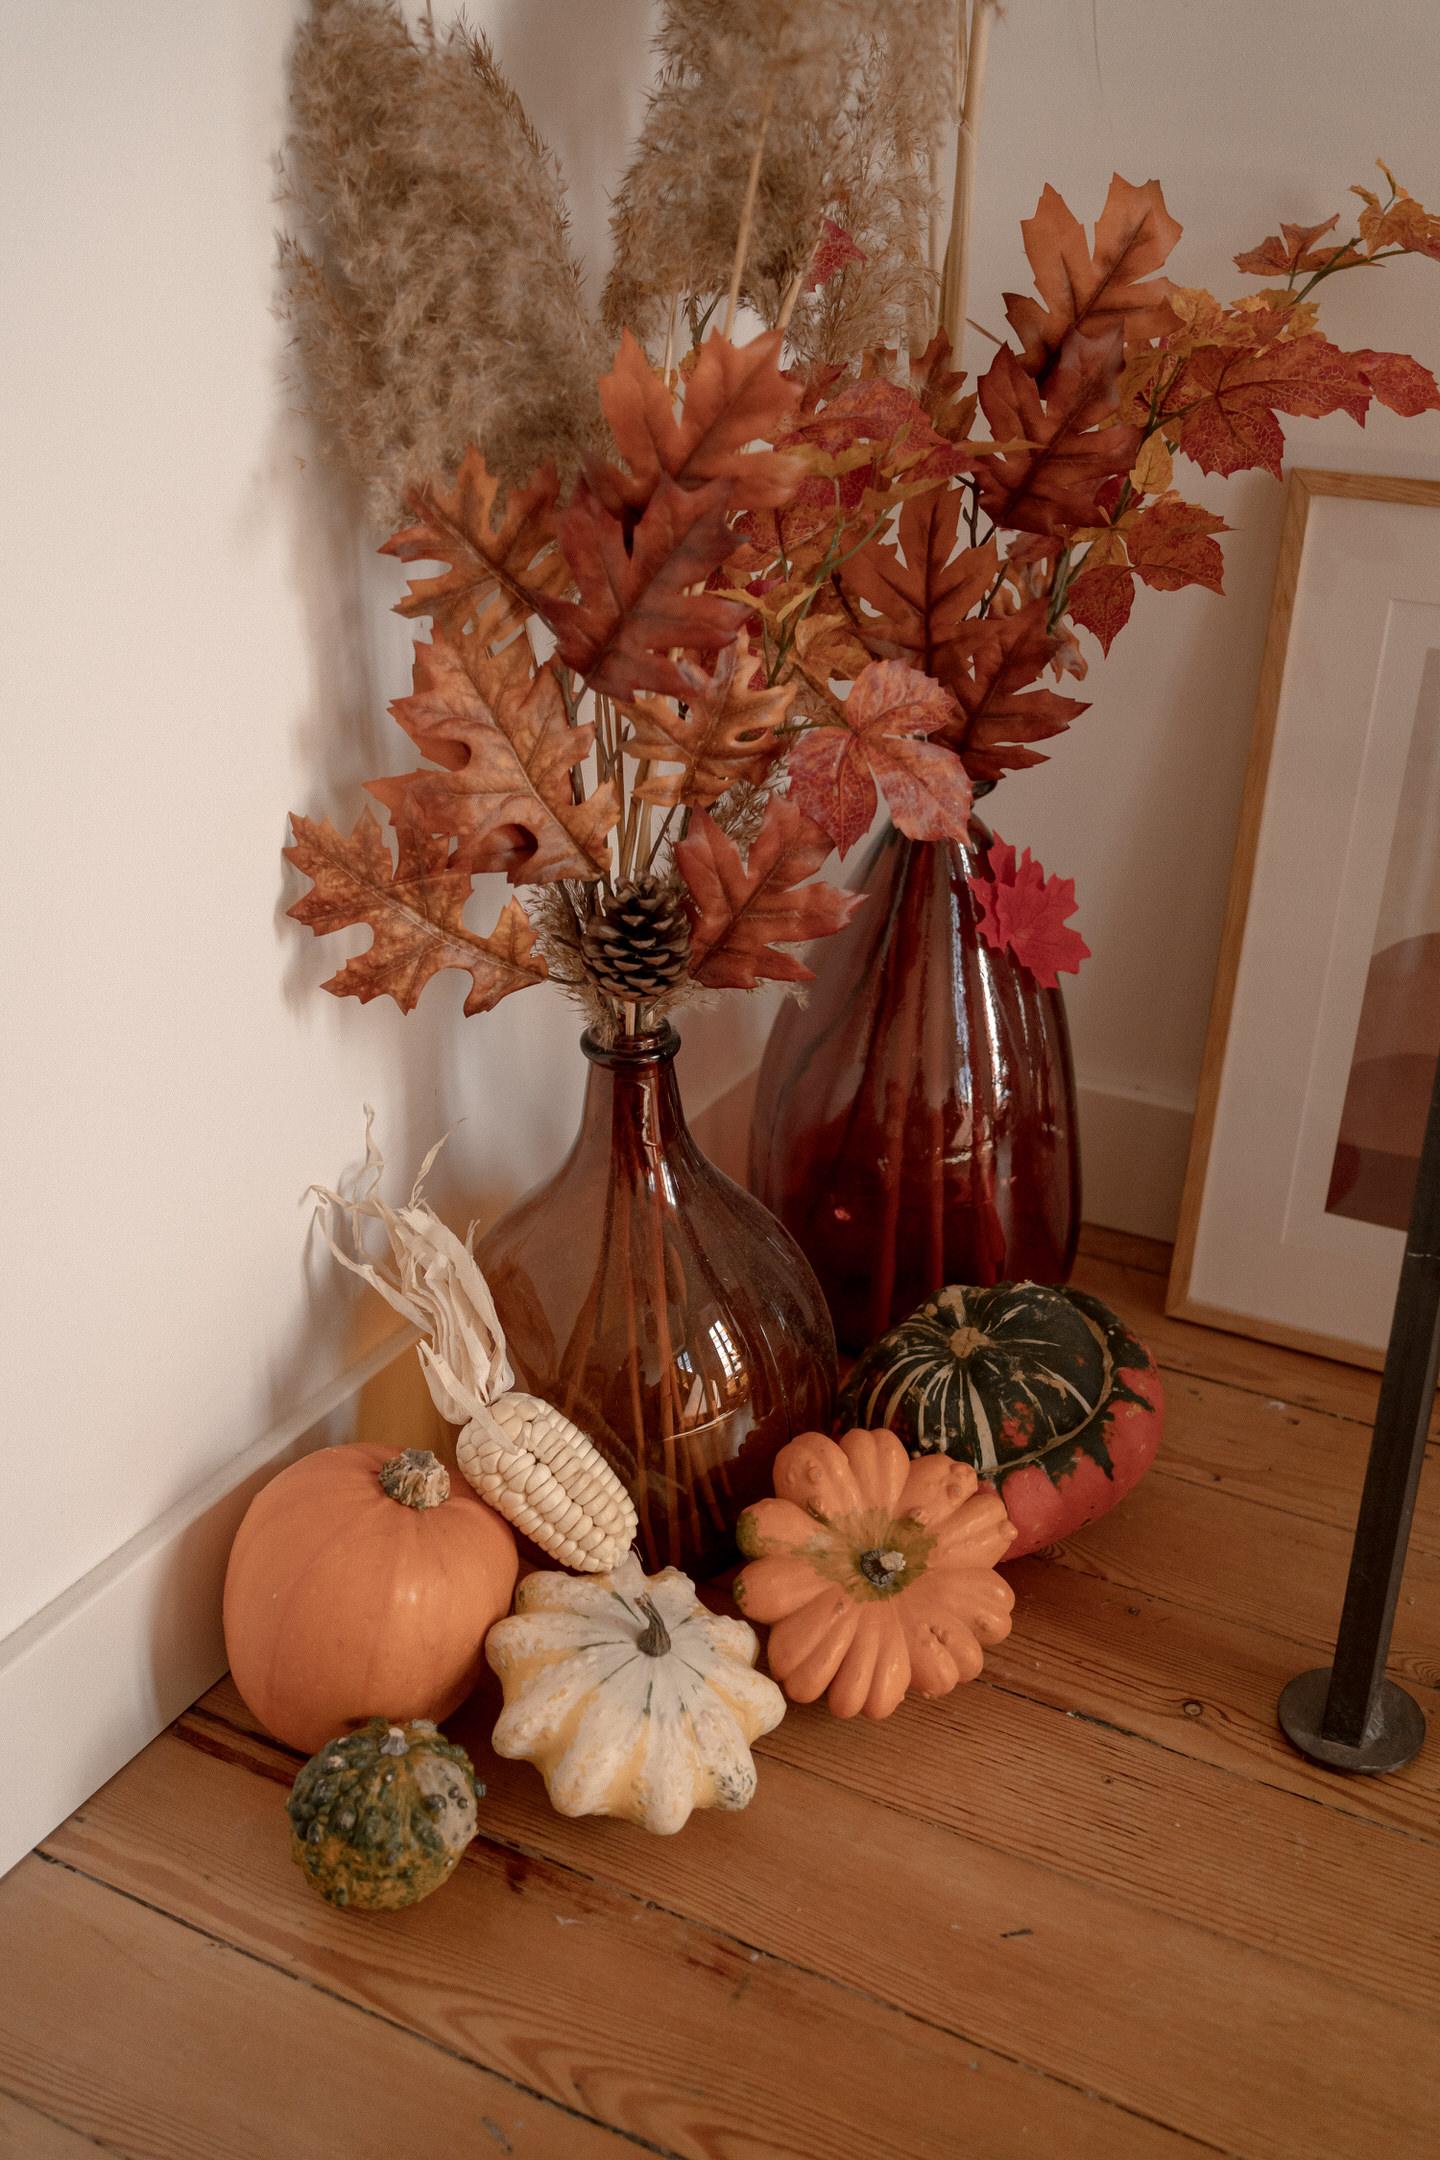 comment-decorer-interieur-automne-7